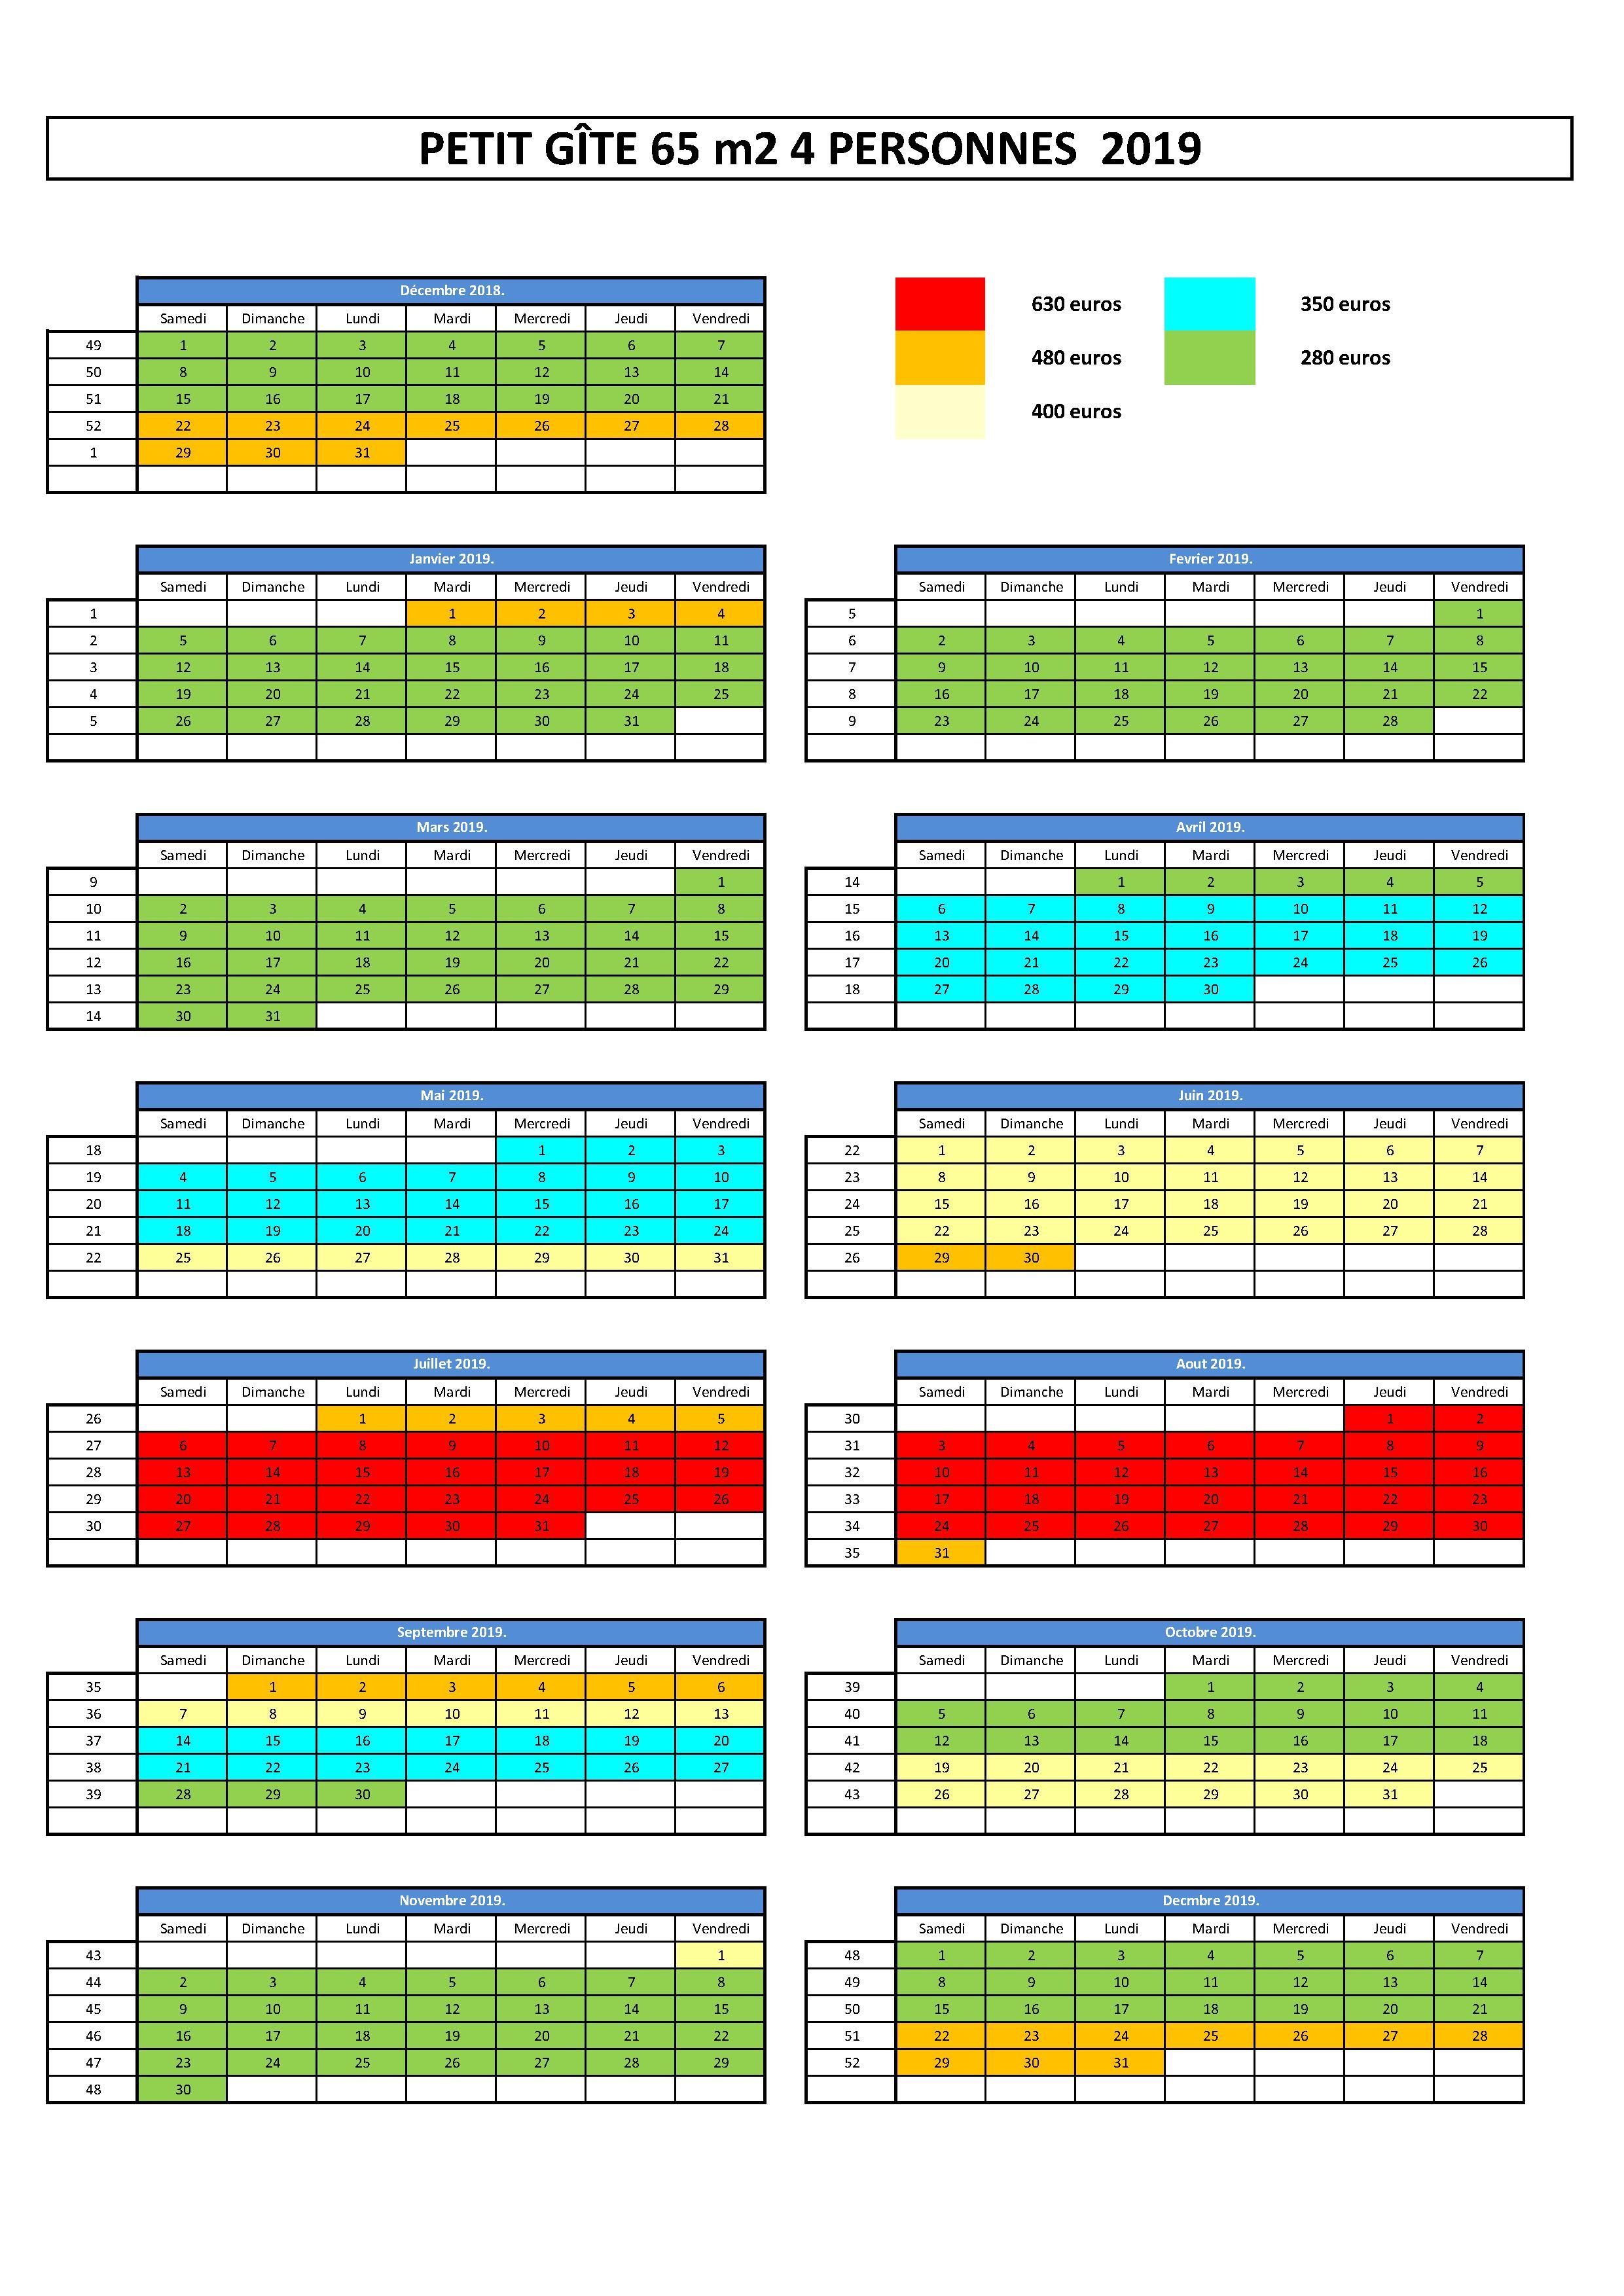 planning d'occupation et tarif gîte BREIZH EVASION 4 personnes 2017